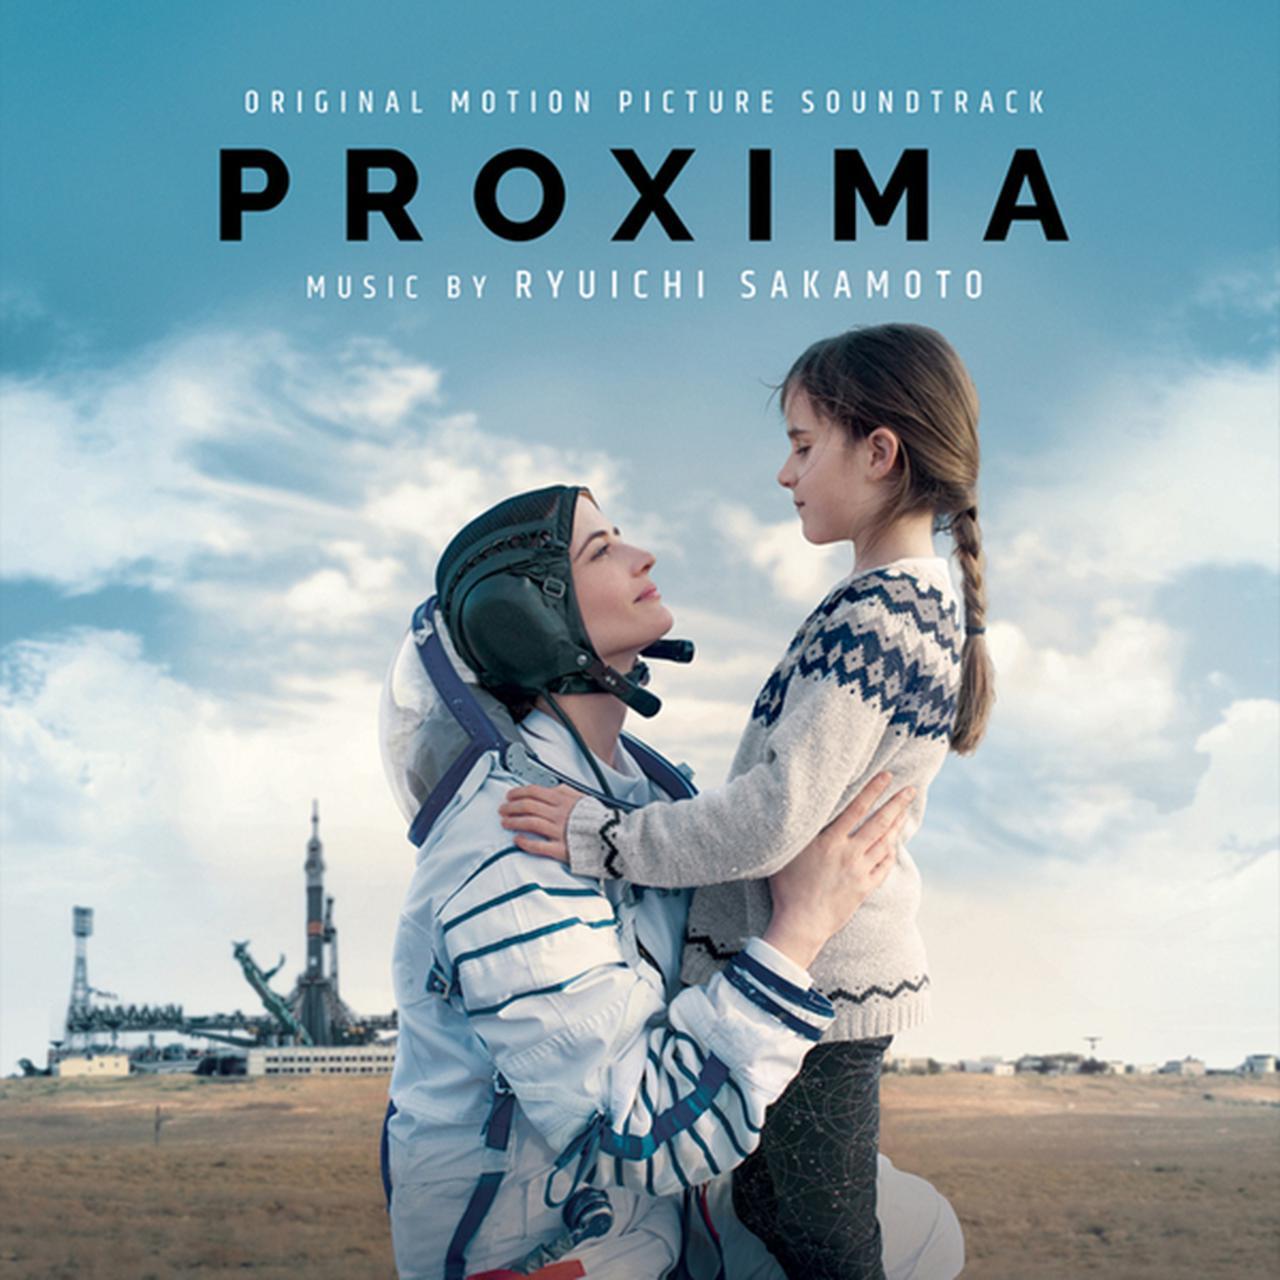 画像: 『約束の宇宙』(原題:Proxima)オリジナルサウンドトラック / 坂本龍一 on OTOTOY Music Store